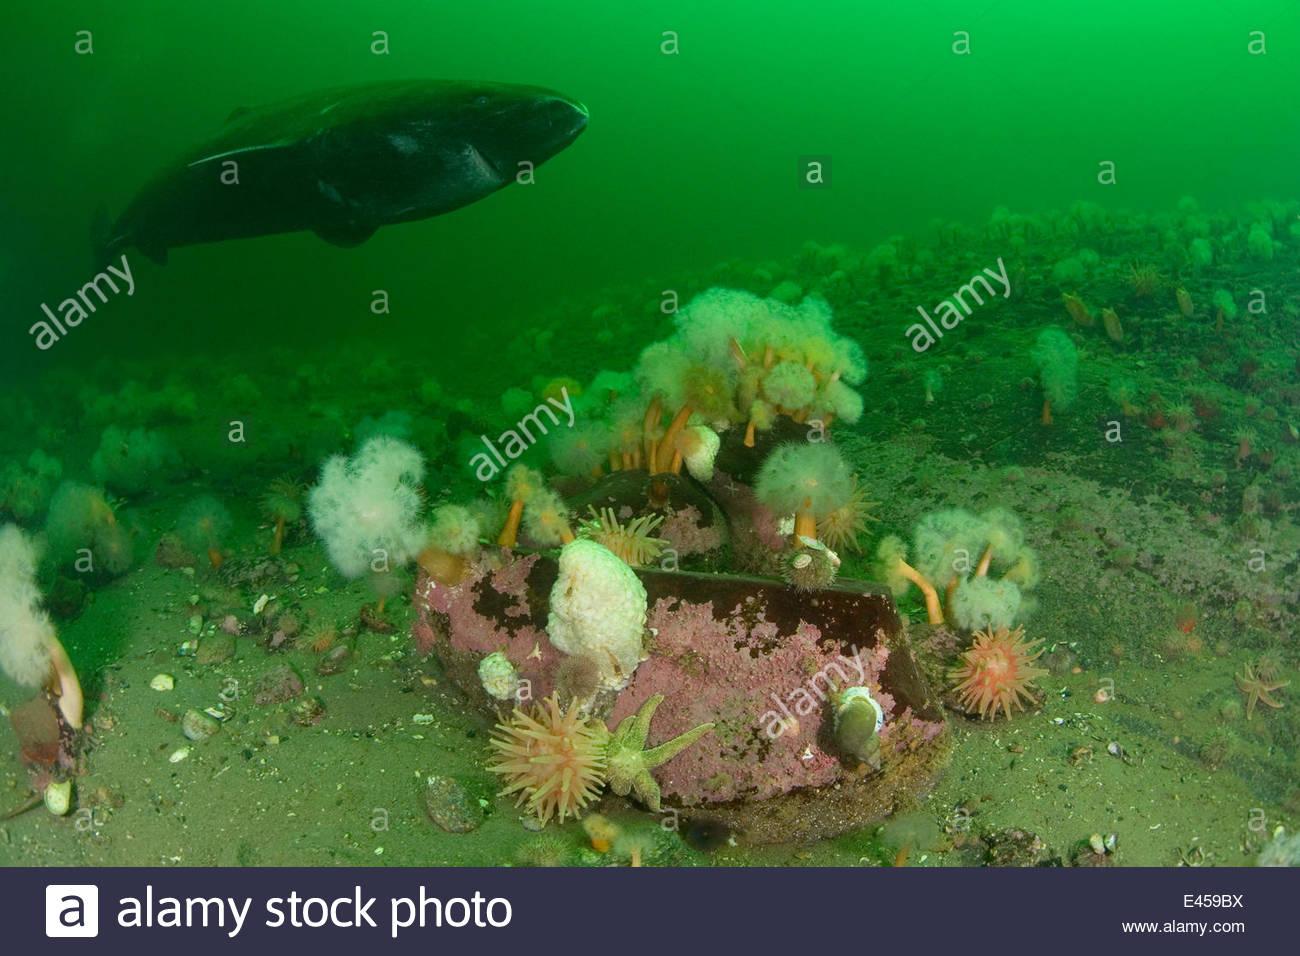 Schlafer Gronlandhai Somniosus Microcephalus Schwimmen Uber